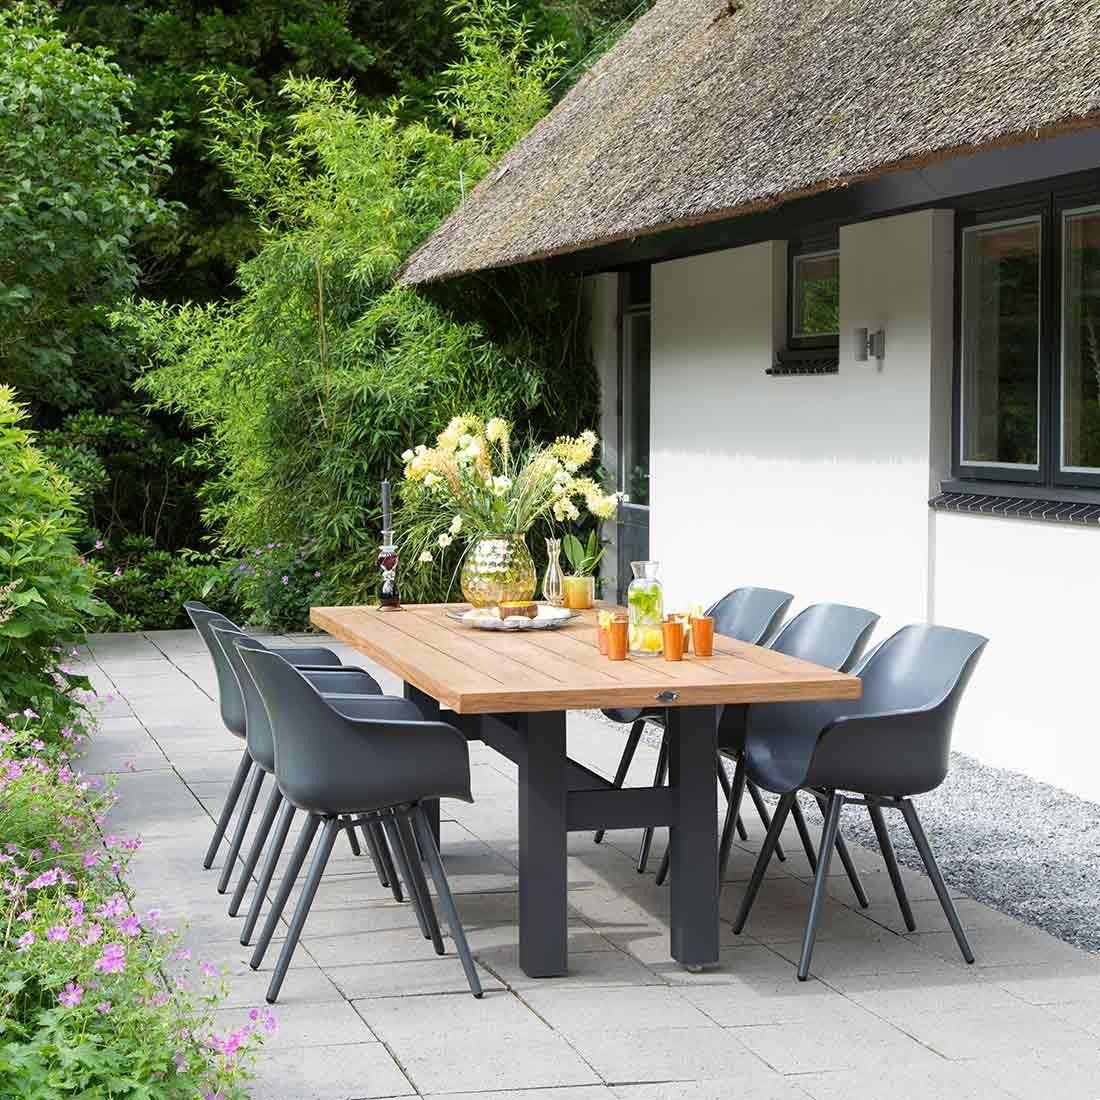 Billig gartenmöbel werksverkauf | Garten | Pinterest | Garden